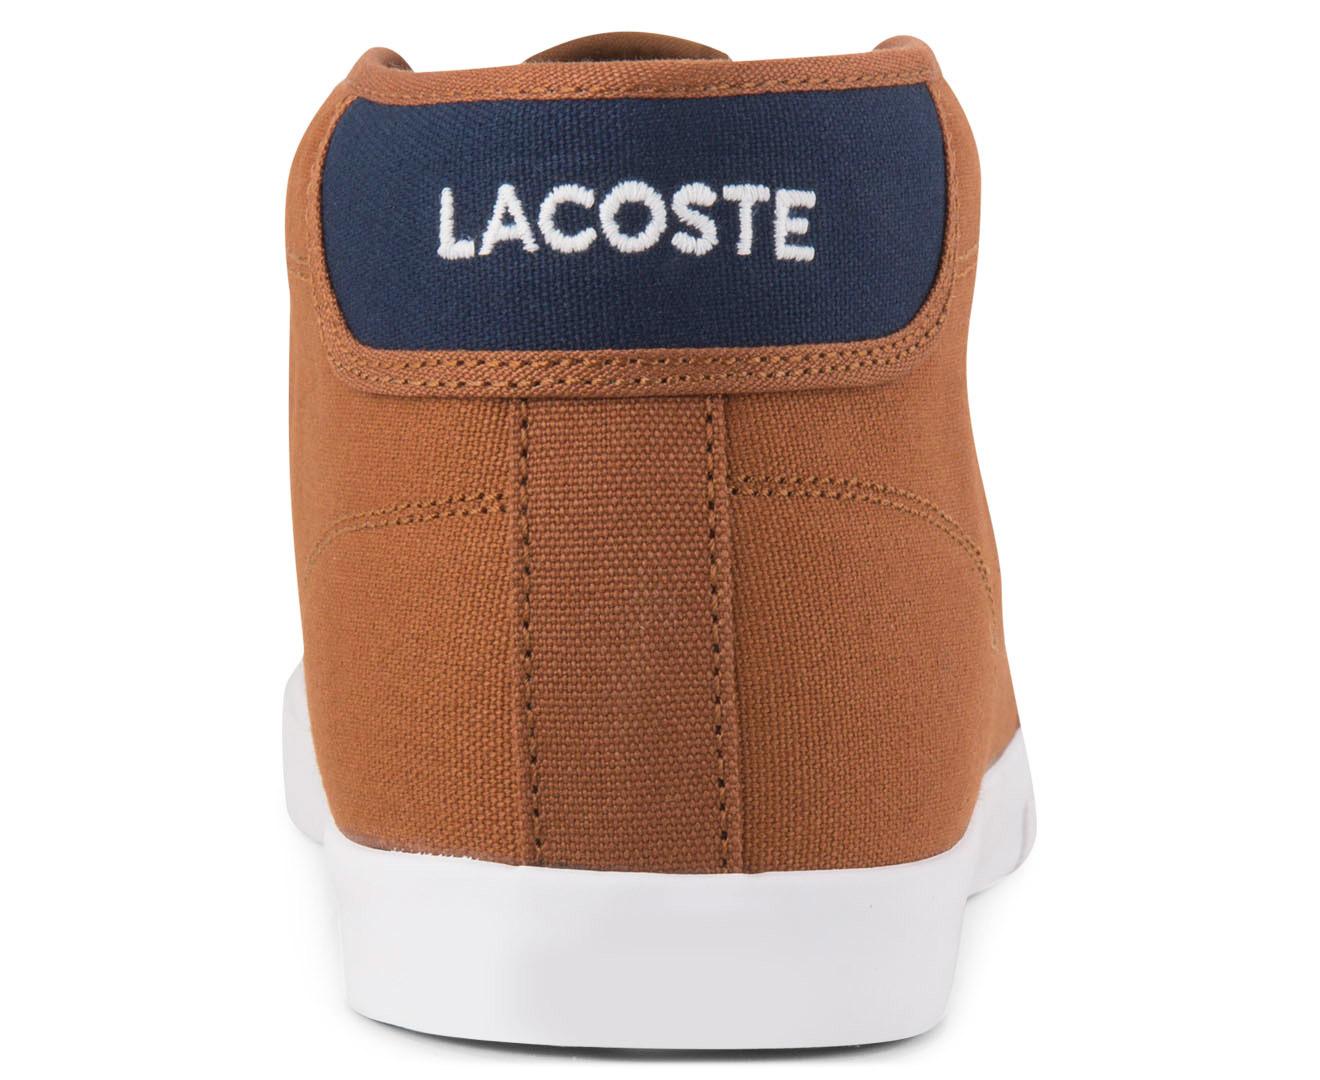 Lacoste Men S Ampthill Wd Shoe Tan